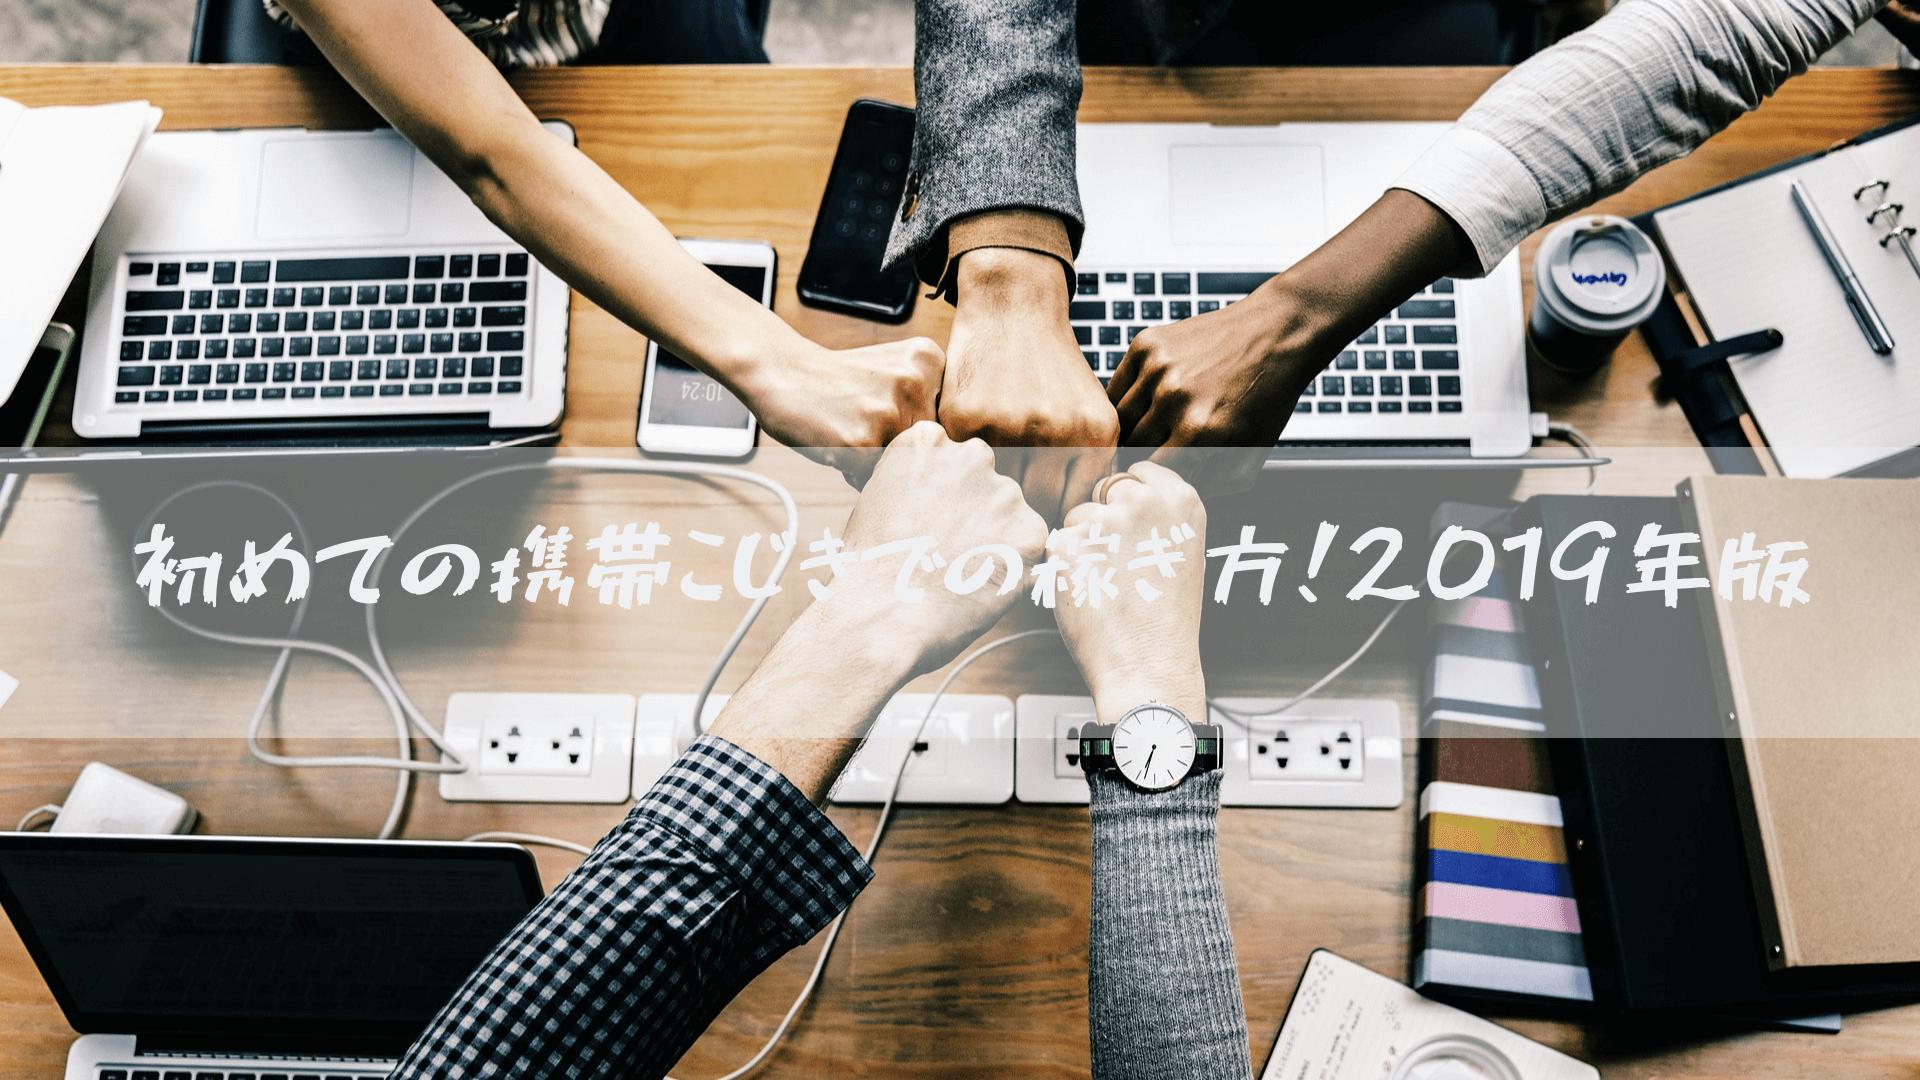 初めての携帯こじきでの稼ぎ方!2019年版